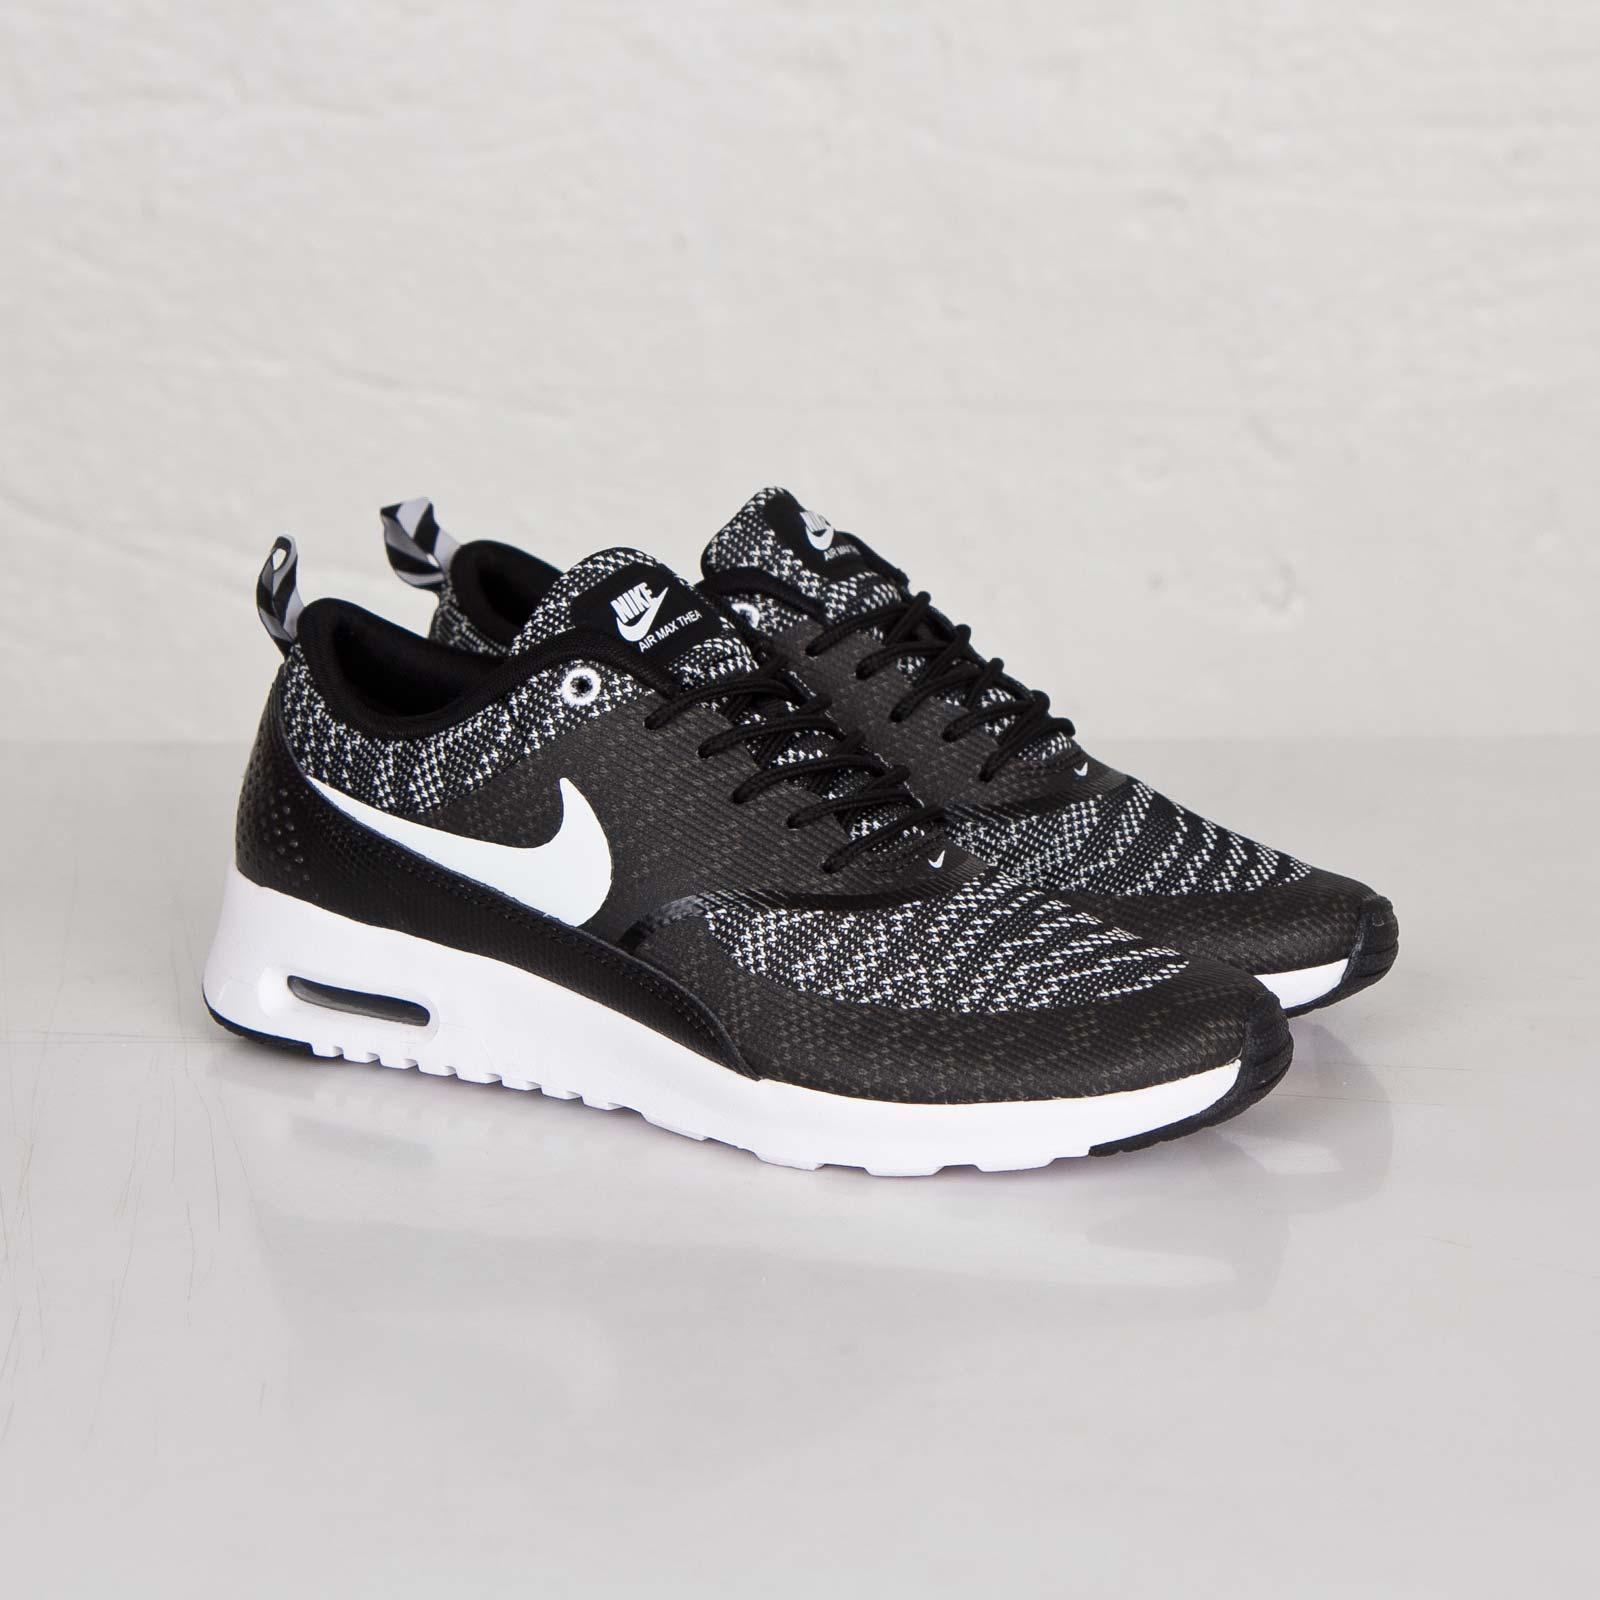 Miguel Ángel gas Del Sur  Nike W Air Max Thea Knit Jacquard - 718646-001 - Sneakersnstuff | sneakers  & streetwear online since 1999